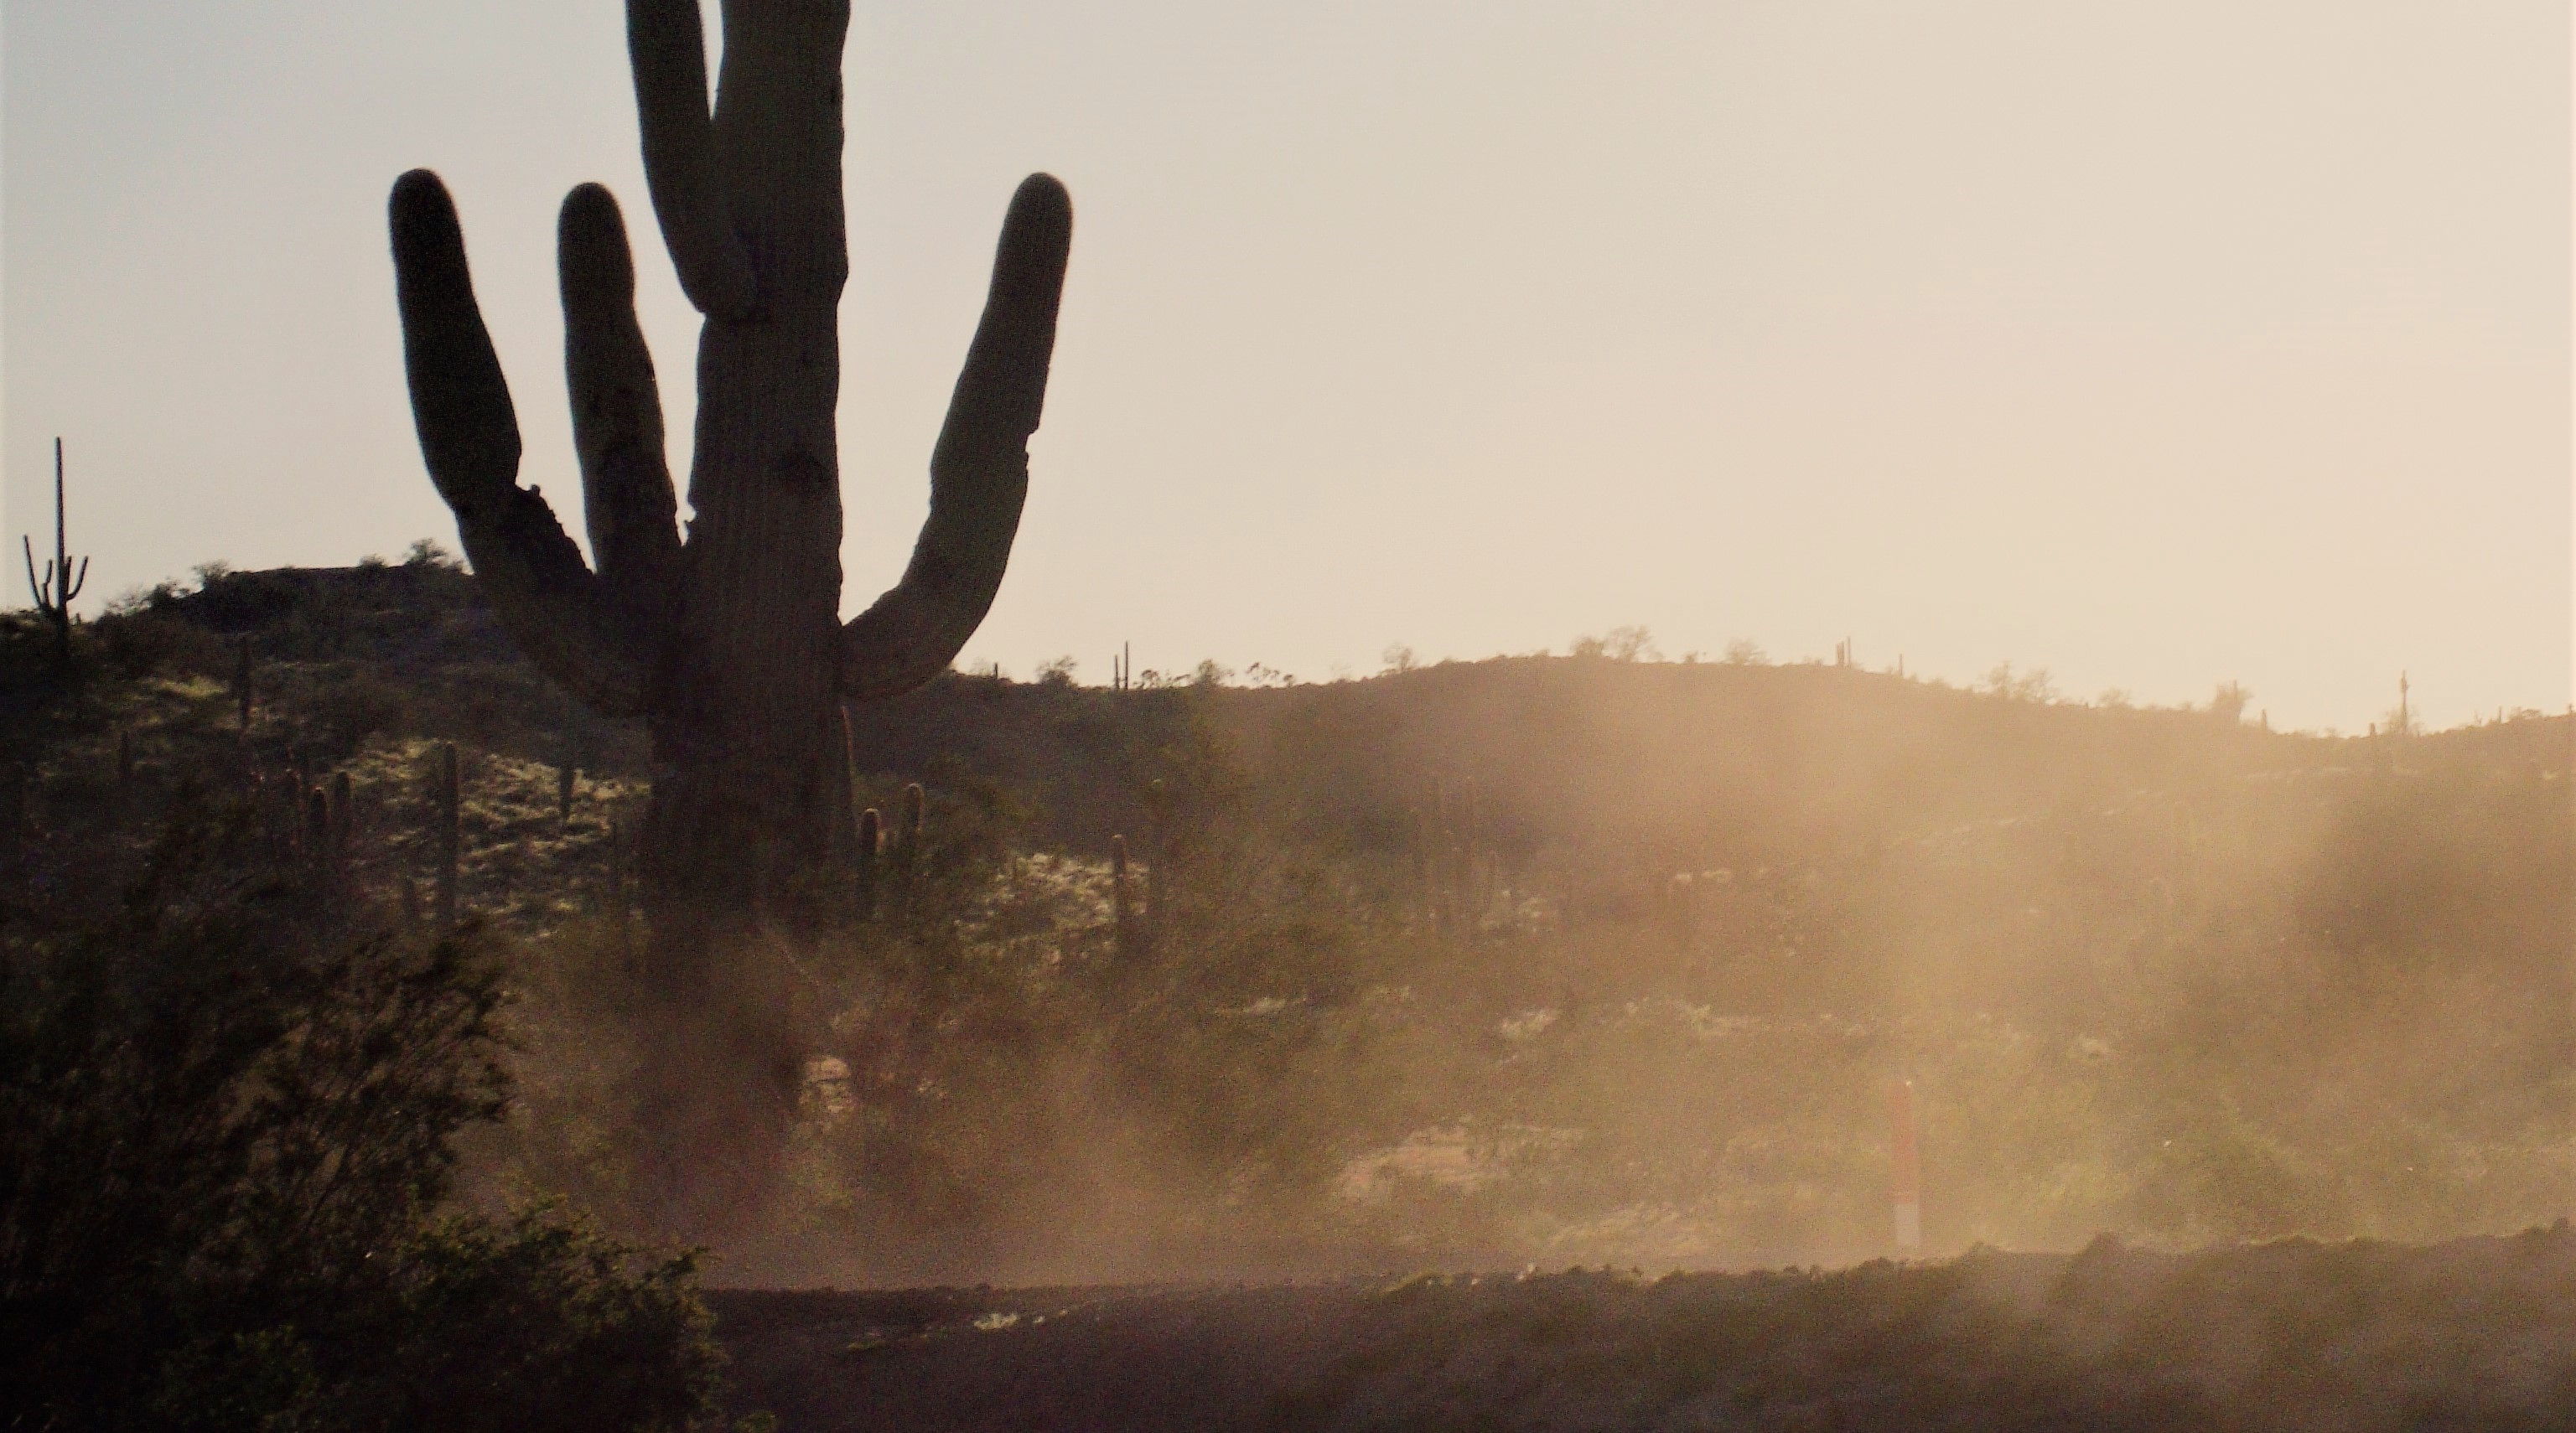 hazy air around a cactus